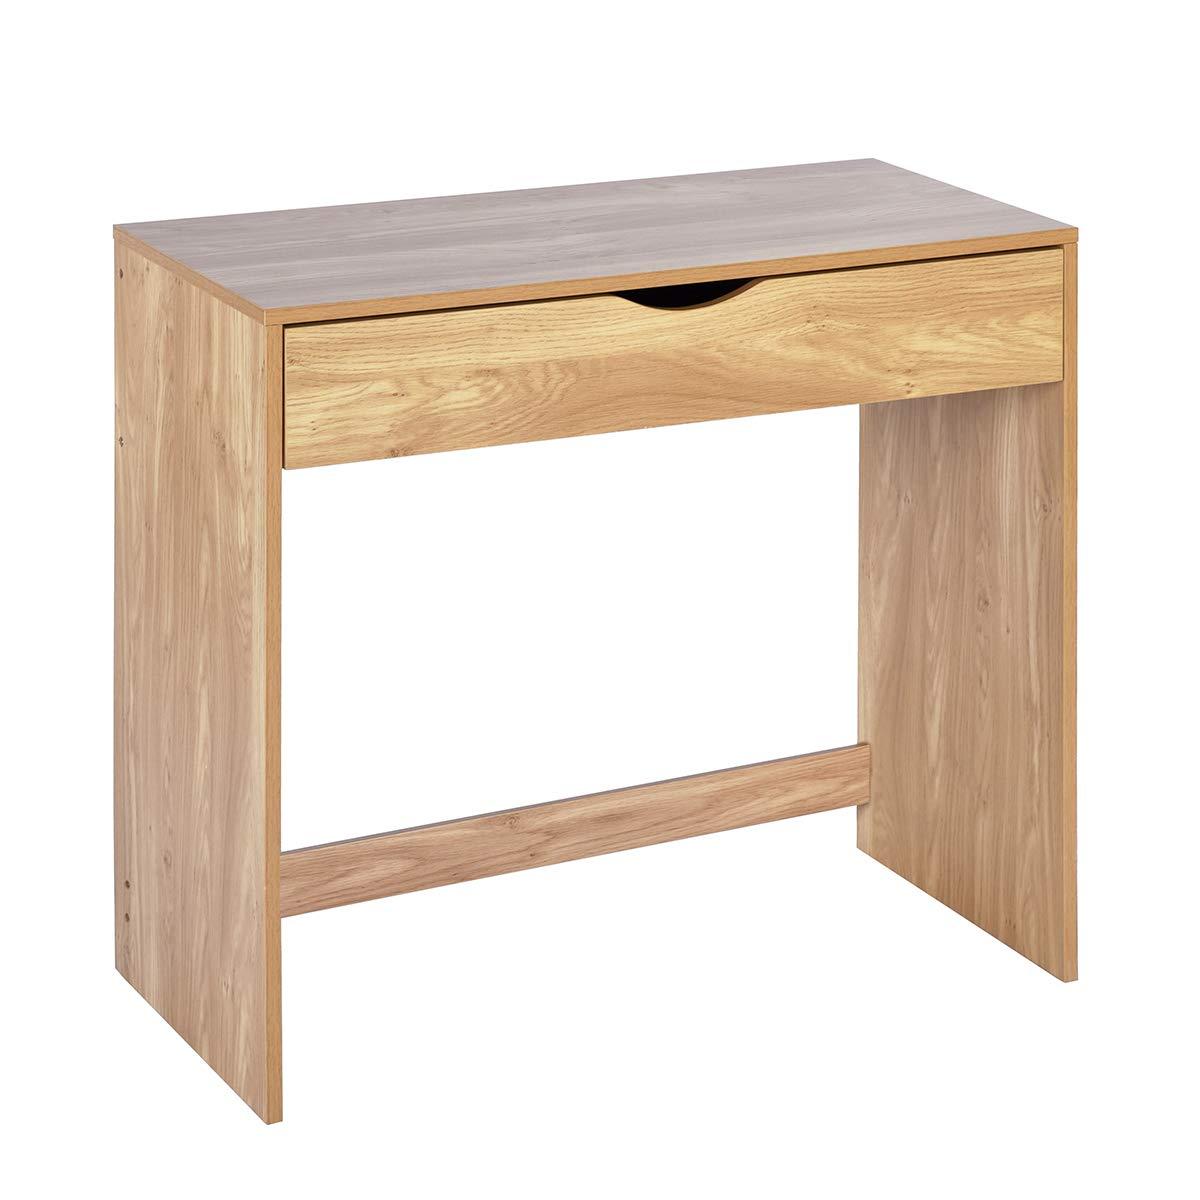 coavas studio scrivania casa scrivania scrittoio scrivania con 1cassetto trucco disegno scrivania per Adluts e bambini, eco truciolare, rovere